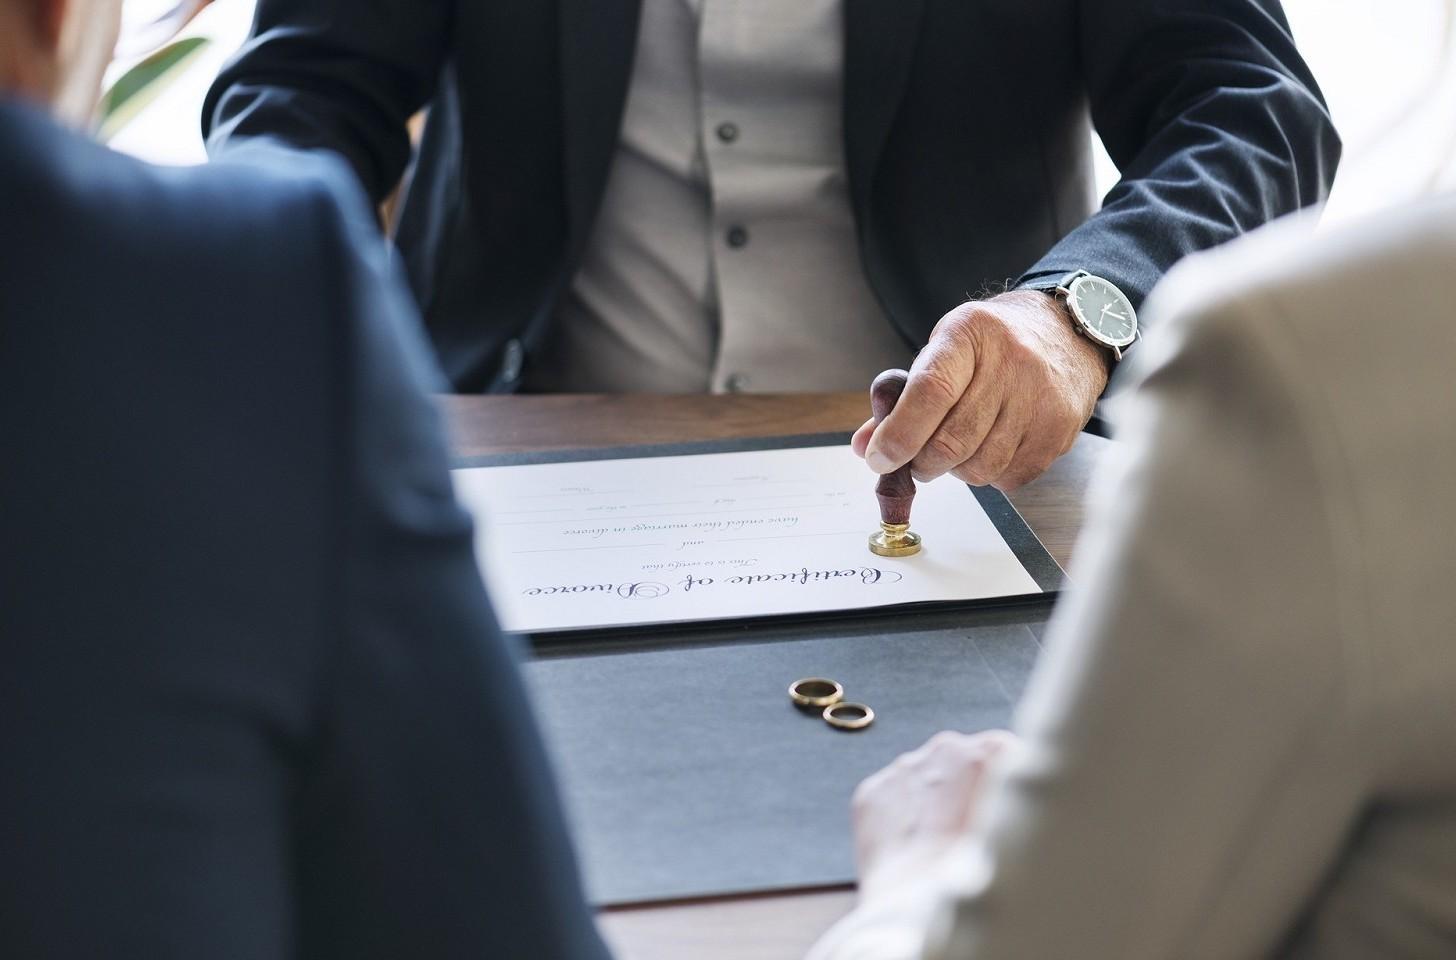 Affidamento del figlio maggiorenne in caso di divorzio. Come funziona